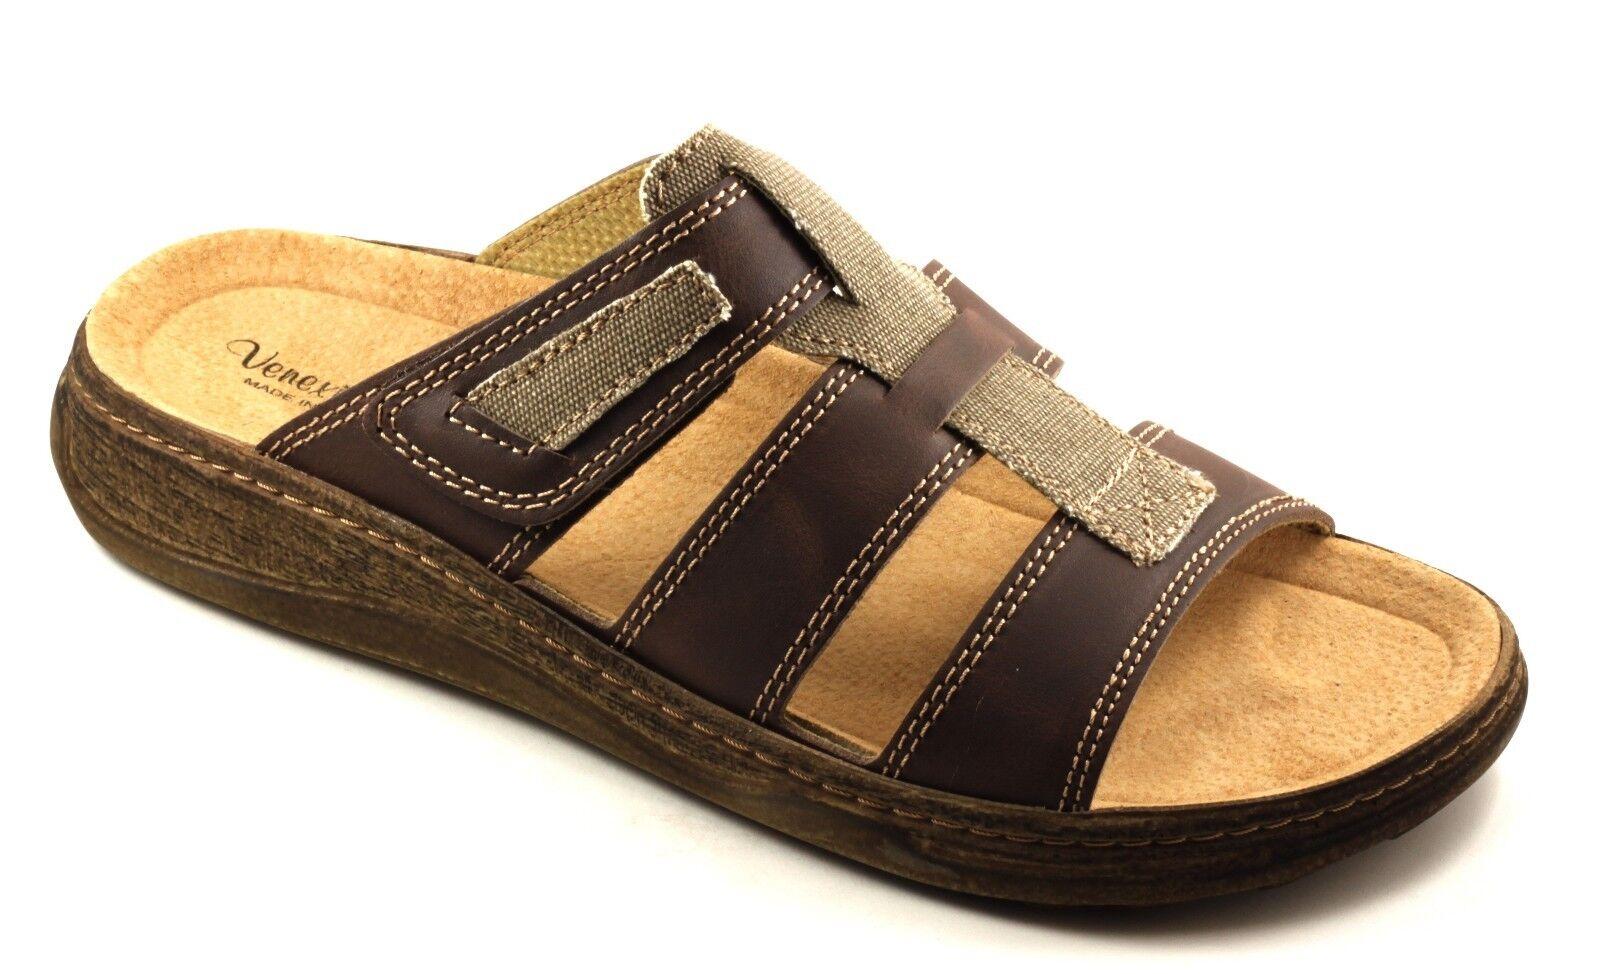 Sandali e scarpe per il mare da uomo 616630 CIABATTE UOMO PELLE NABUK MARRONE SANDALI PLANTARE ESTRAIBILE n.42